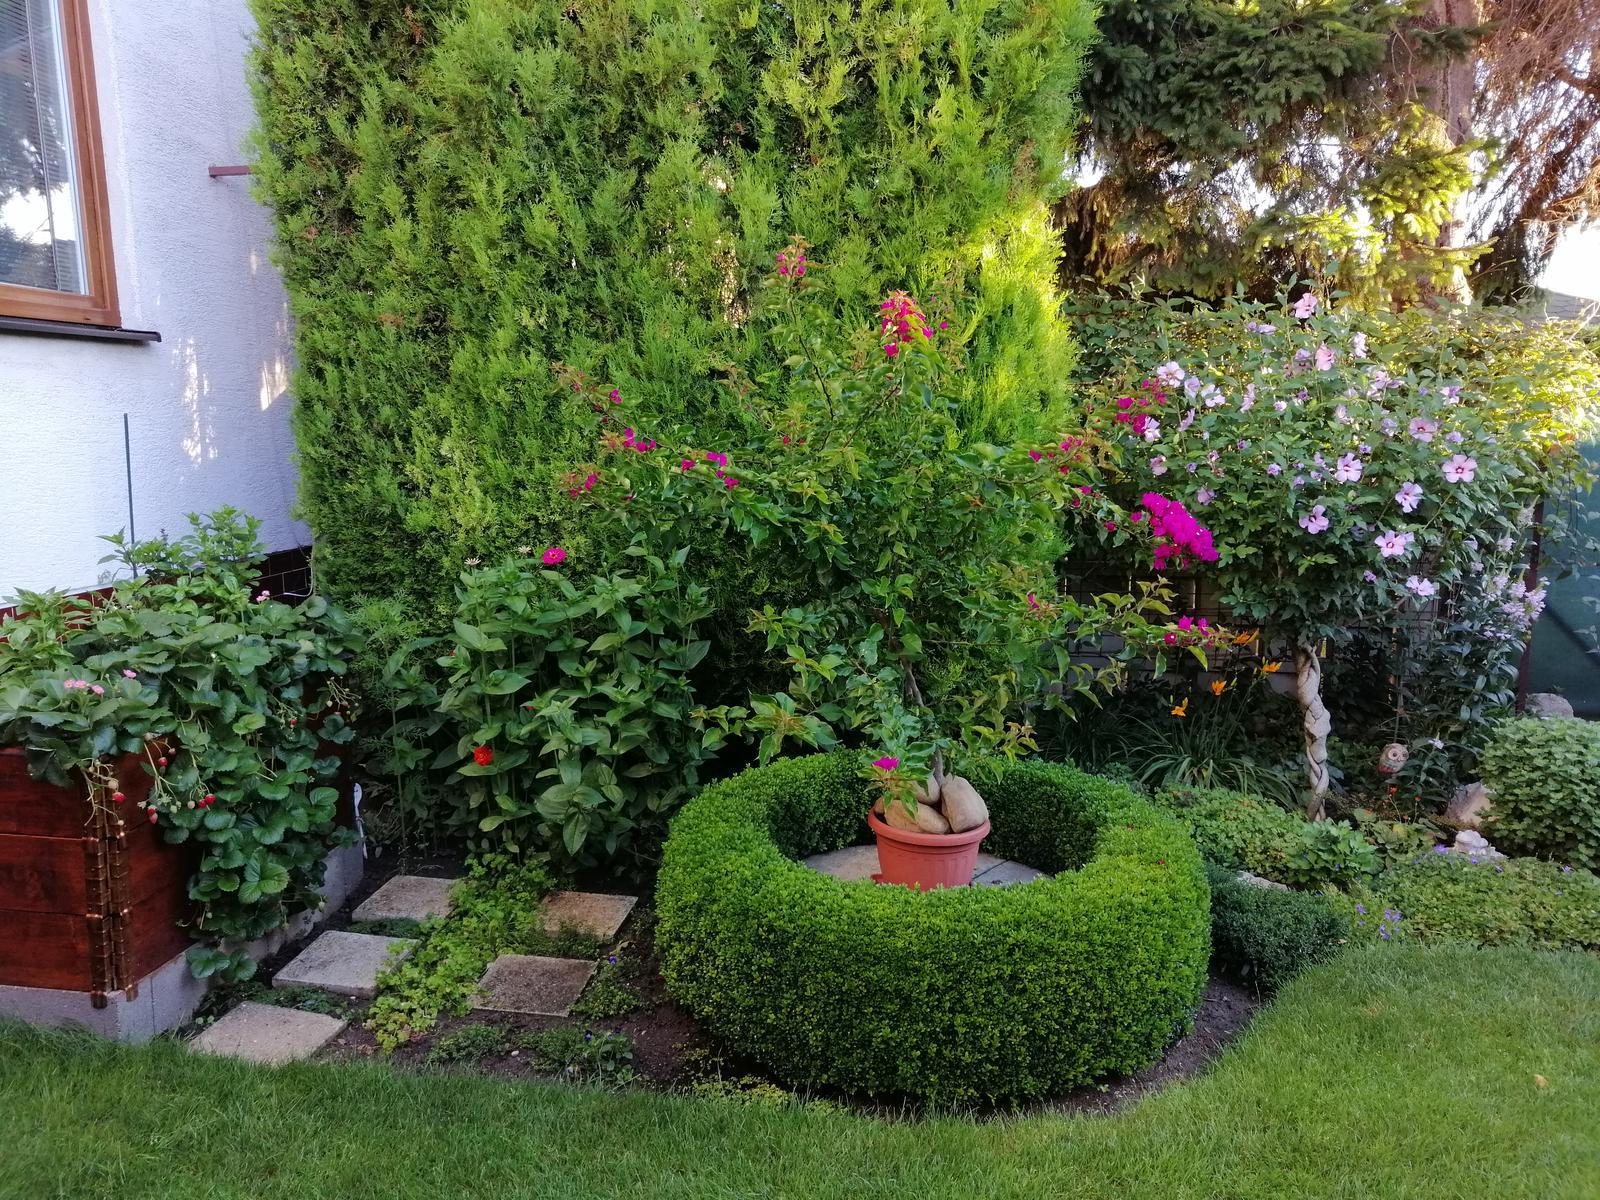 Zahrada 2020 - Obrázok č. 245